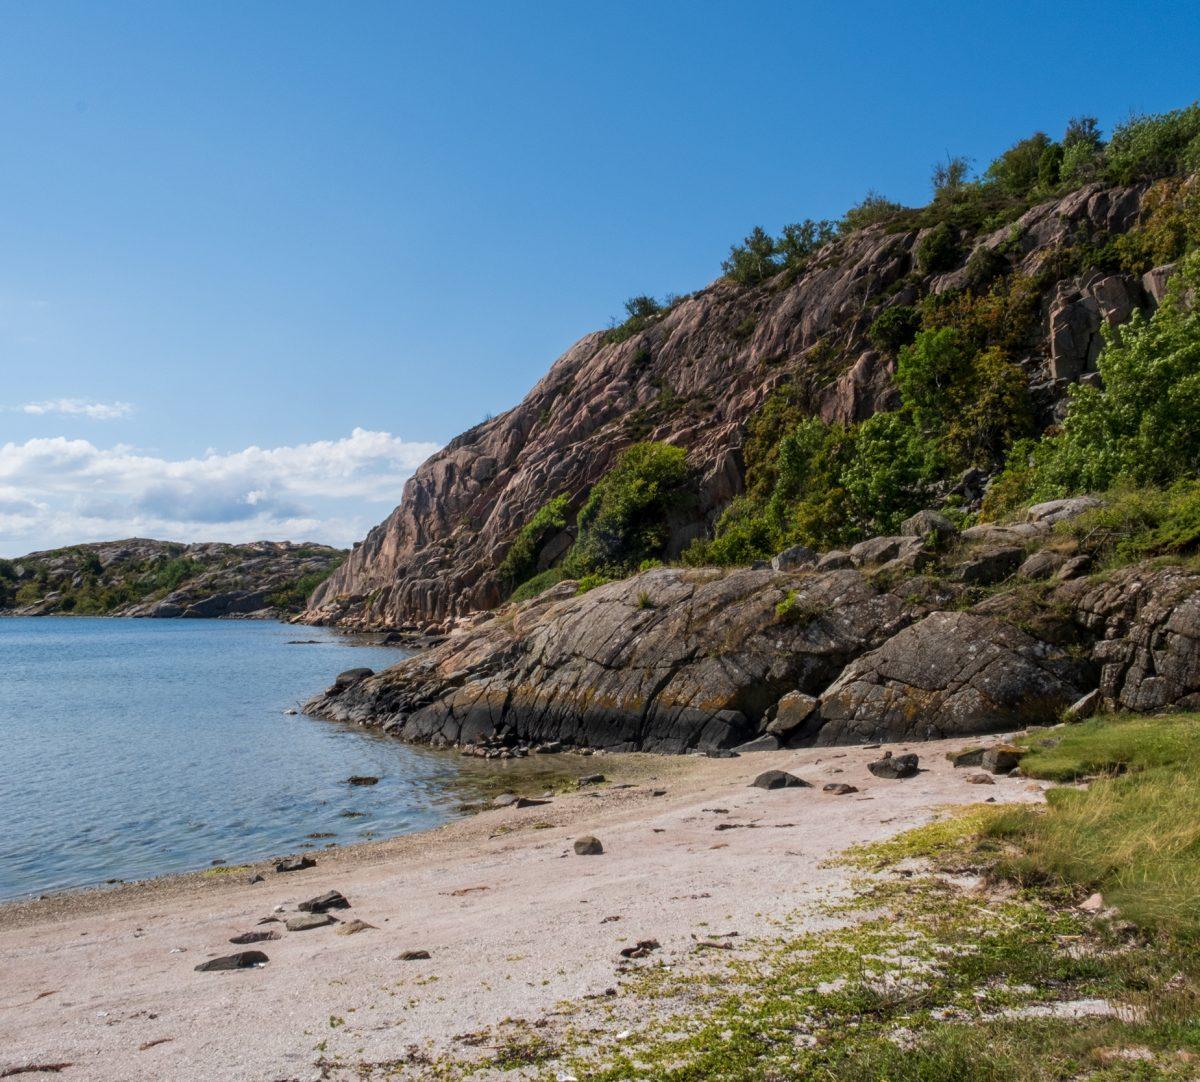 Rosa klippor, sandstrand och hav. Foto.